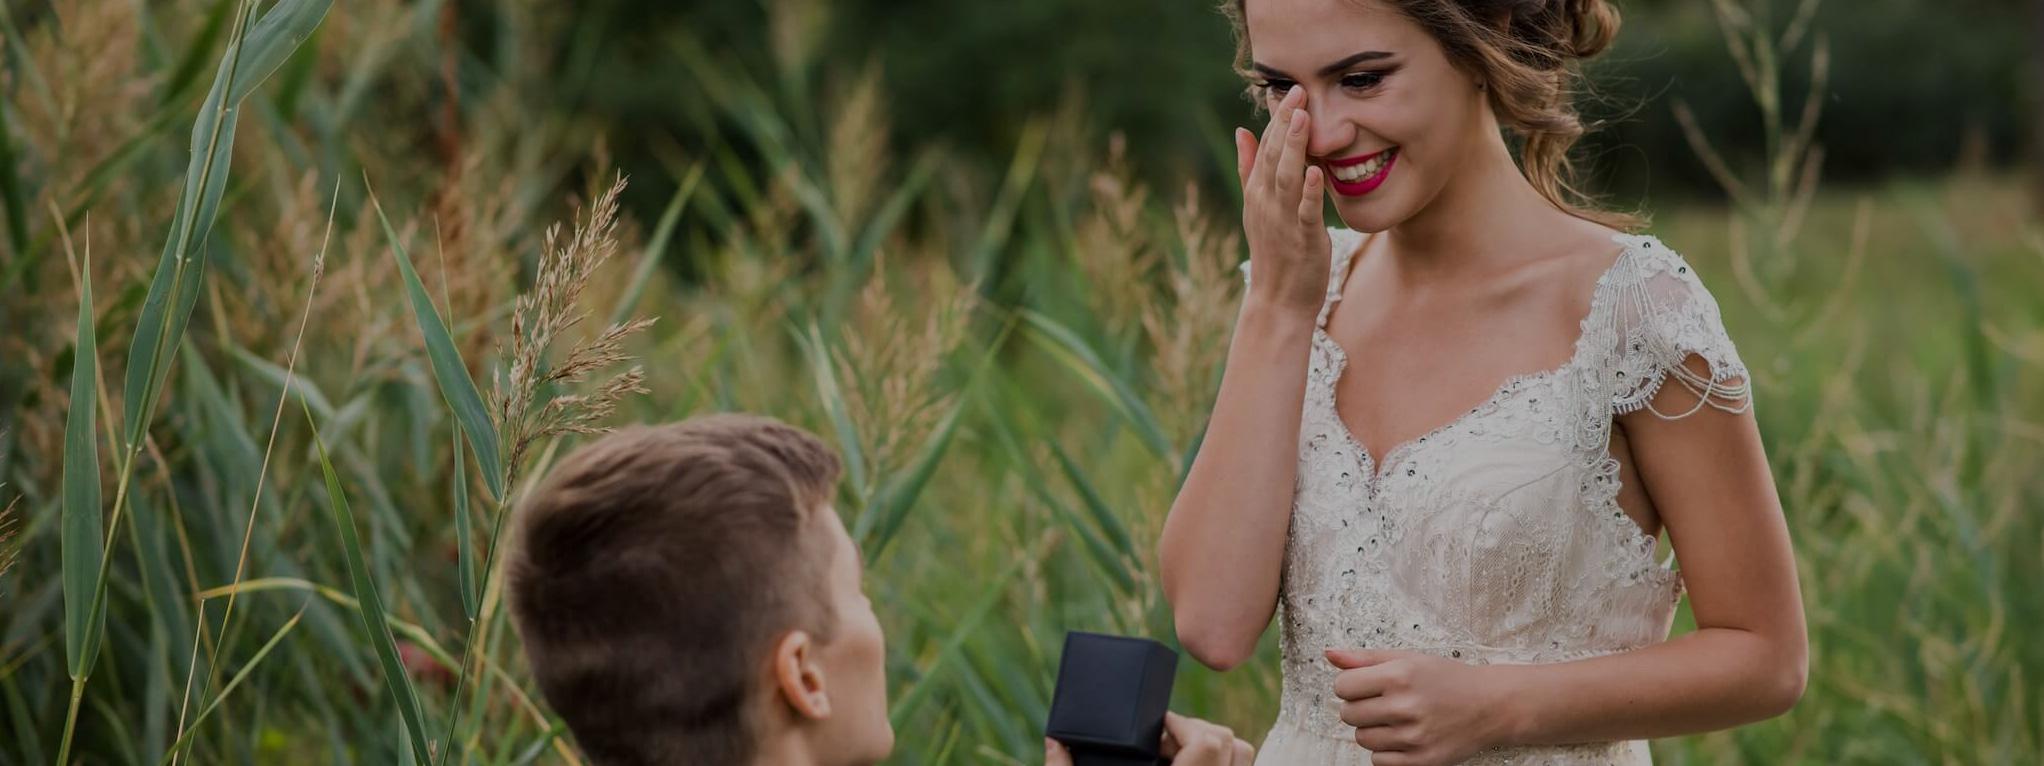 Proposal Rings